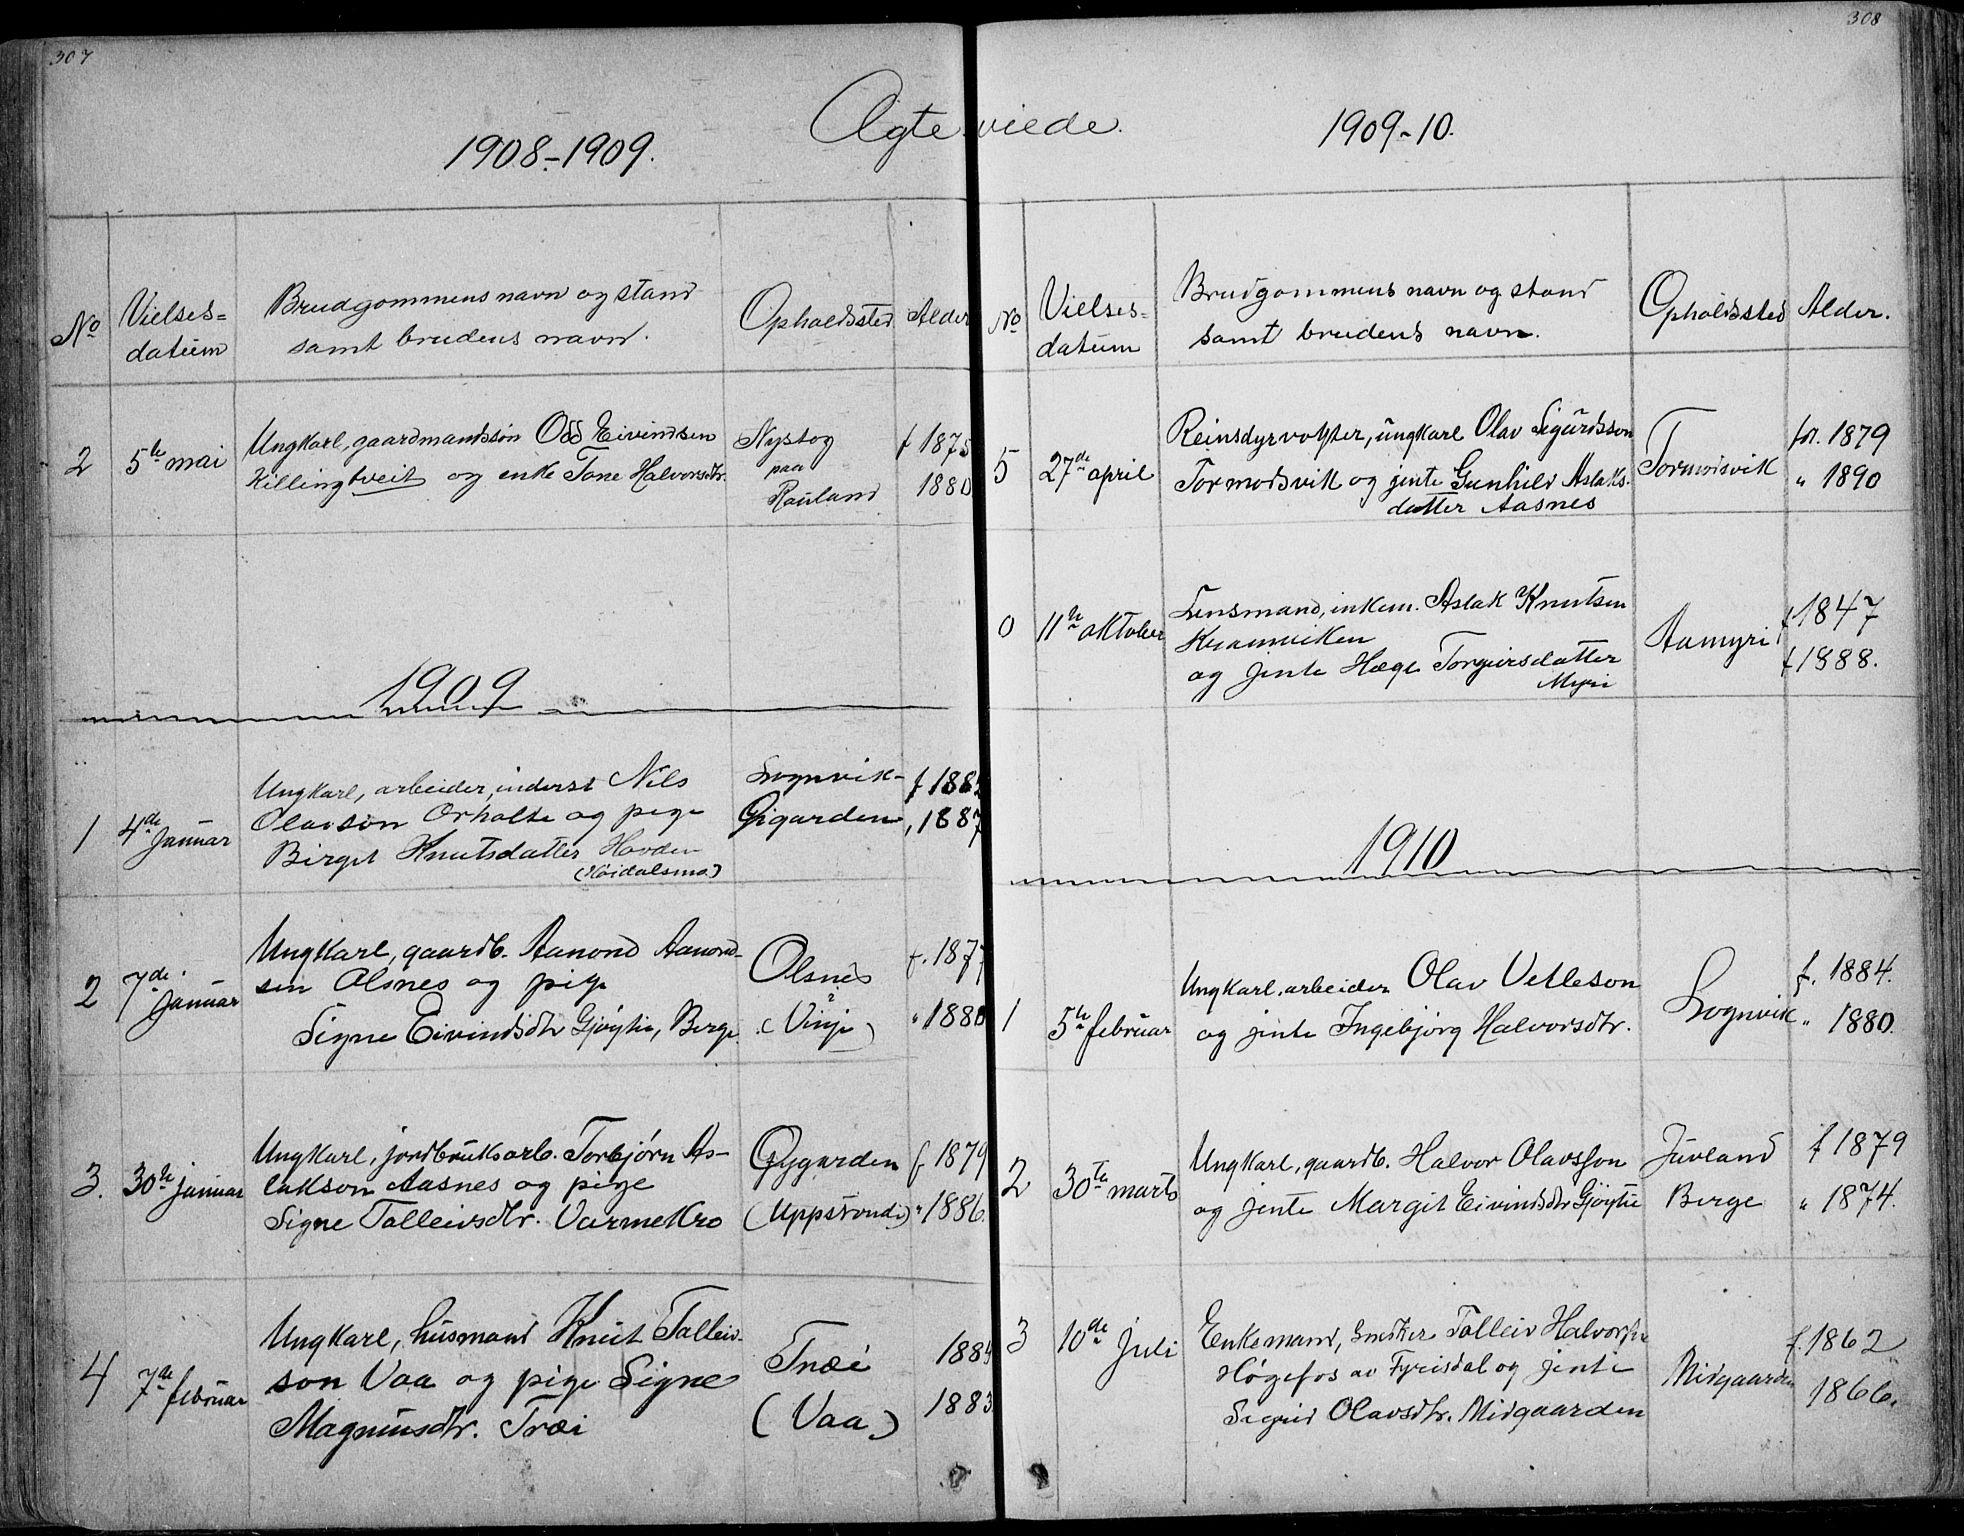 SAKO, Rauland kirkebøker, G/Ga/L0002: Klokkerbok nr. I 2, 1849-1935, s. 307-308